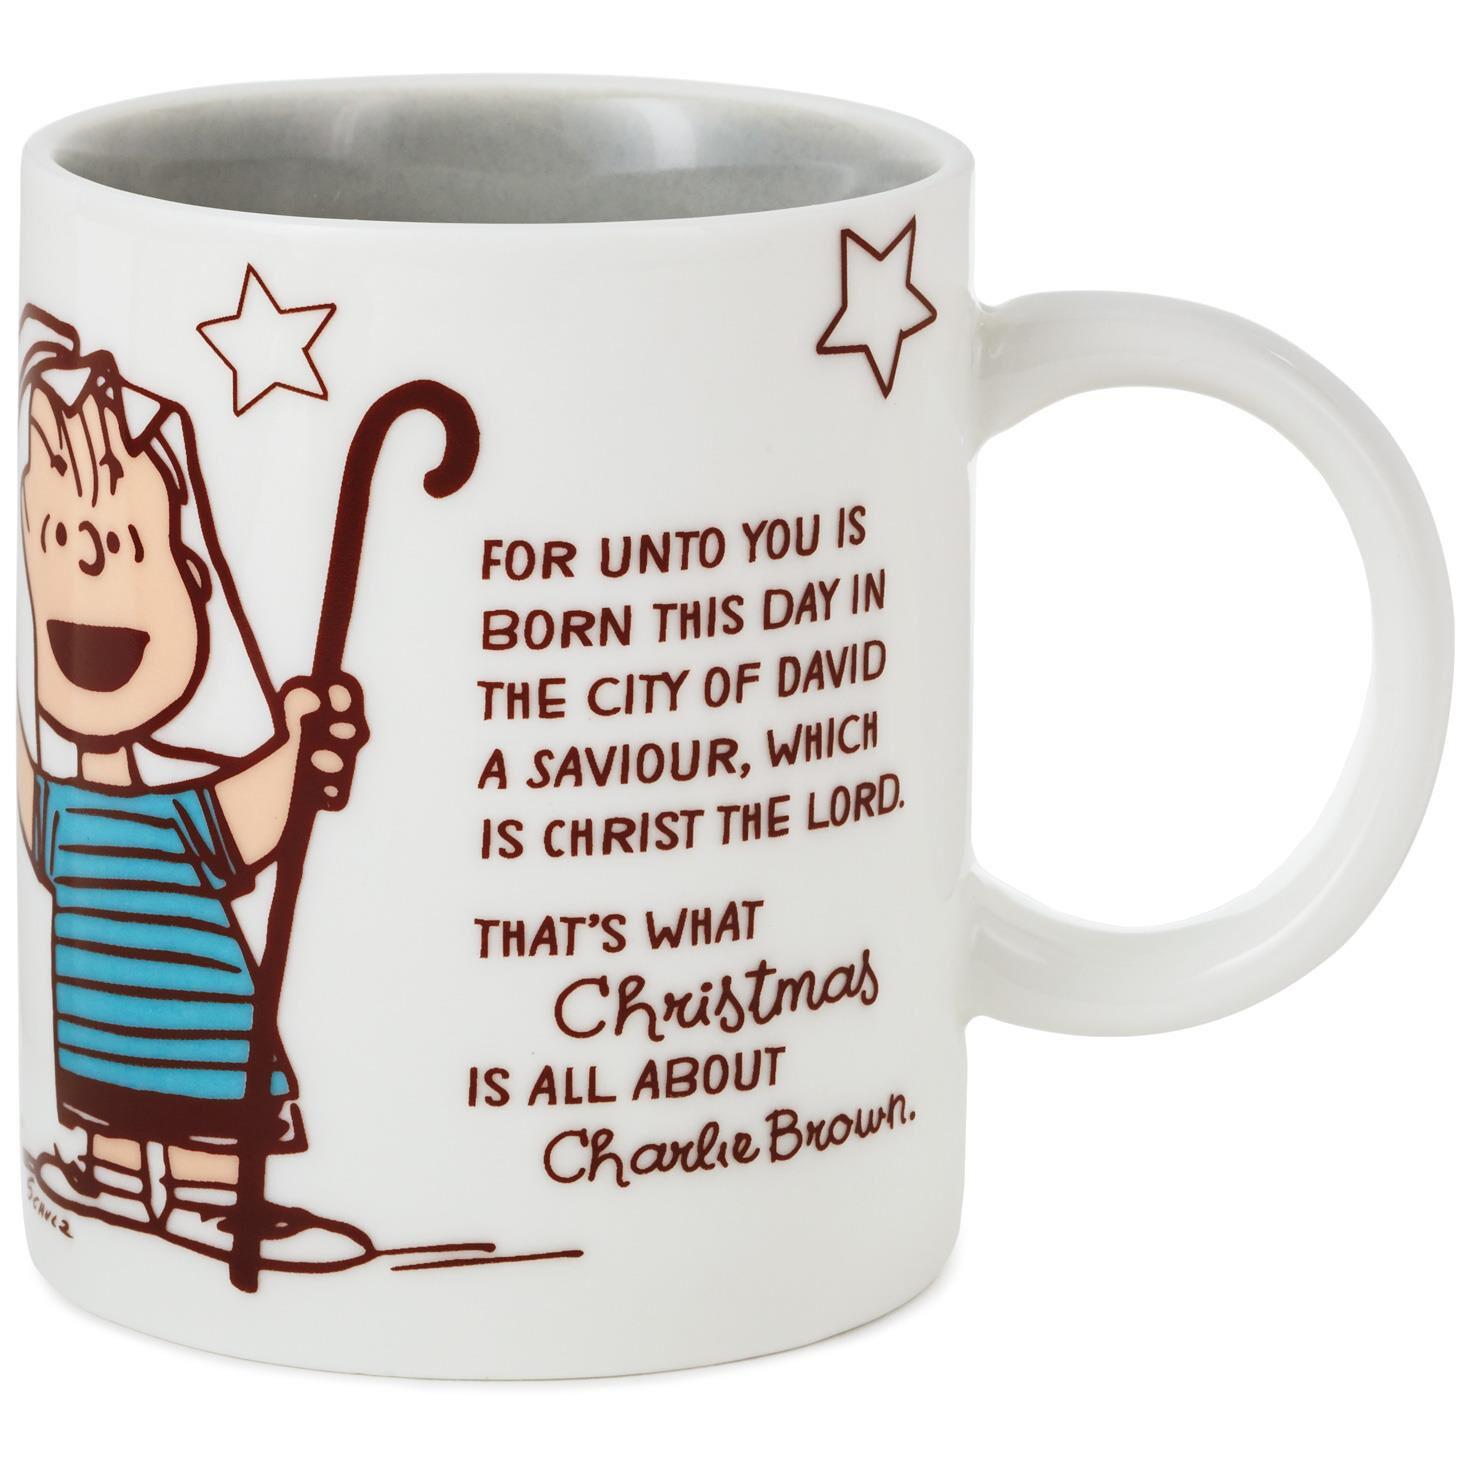 peanuts linus christmas speech mug mugs teacups hallmark